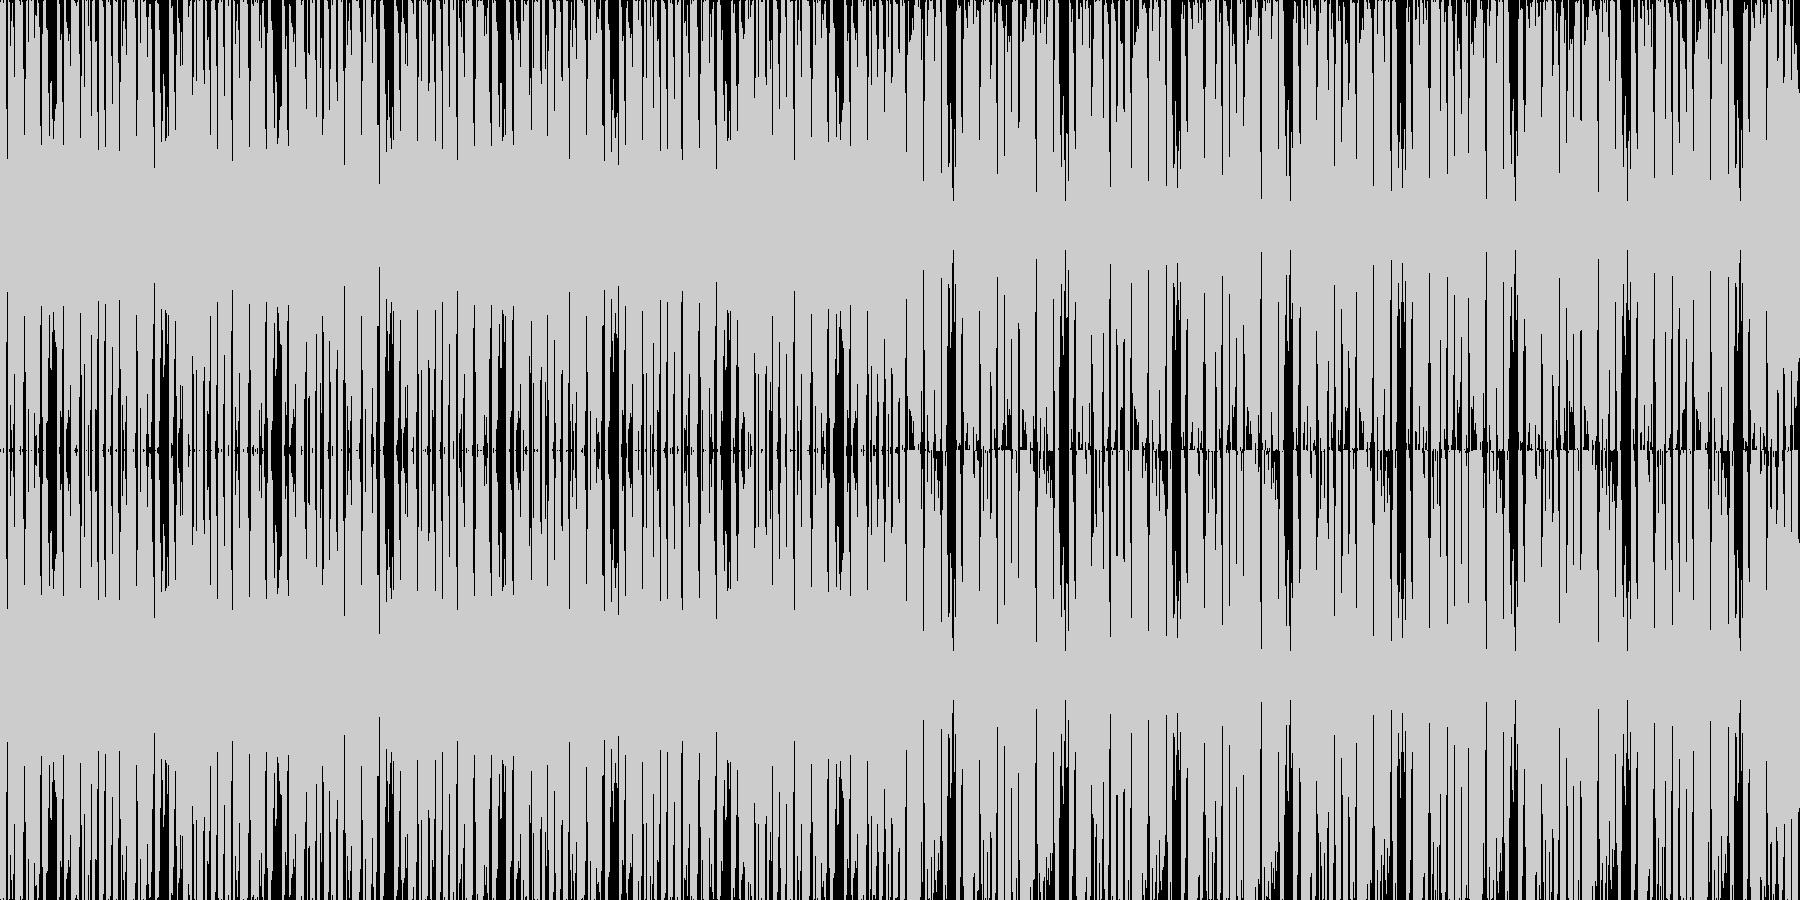 【アップテンポなノリノリファンク】の未再生の波形